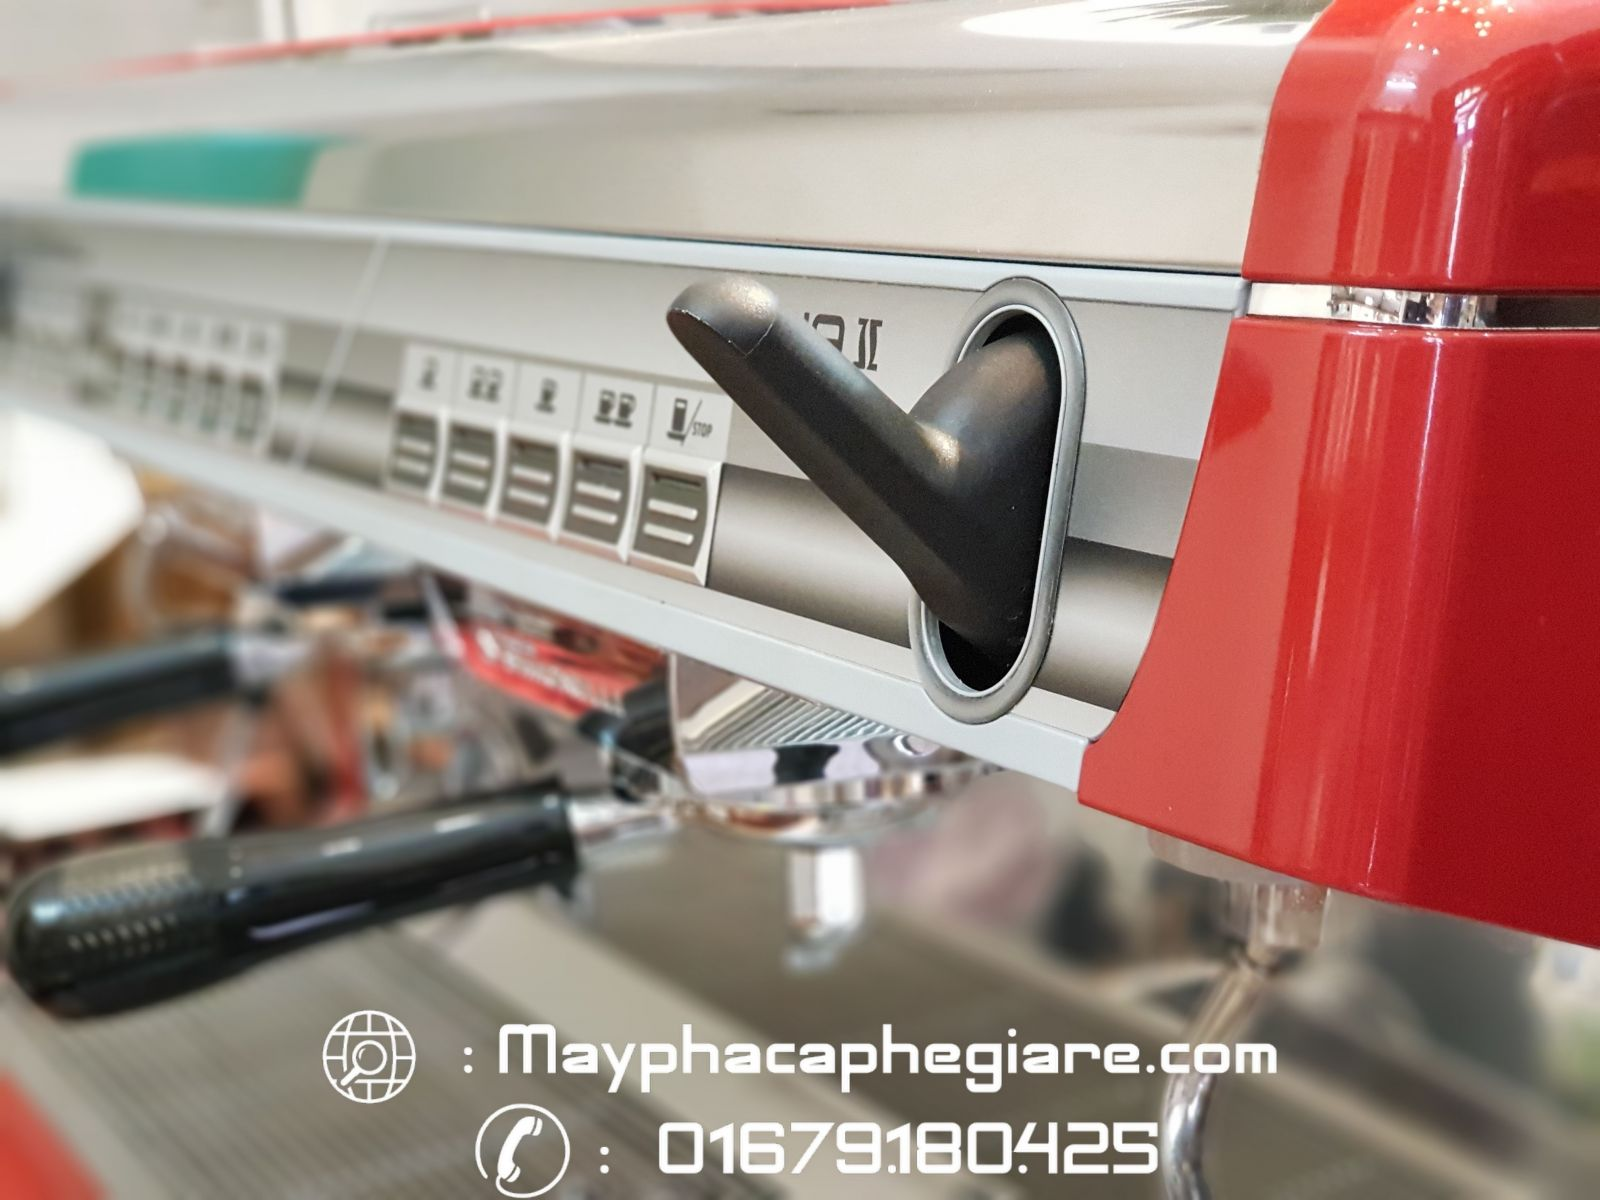 Simonelli - máy pha cà phê công nghiệp